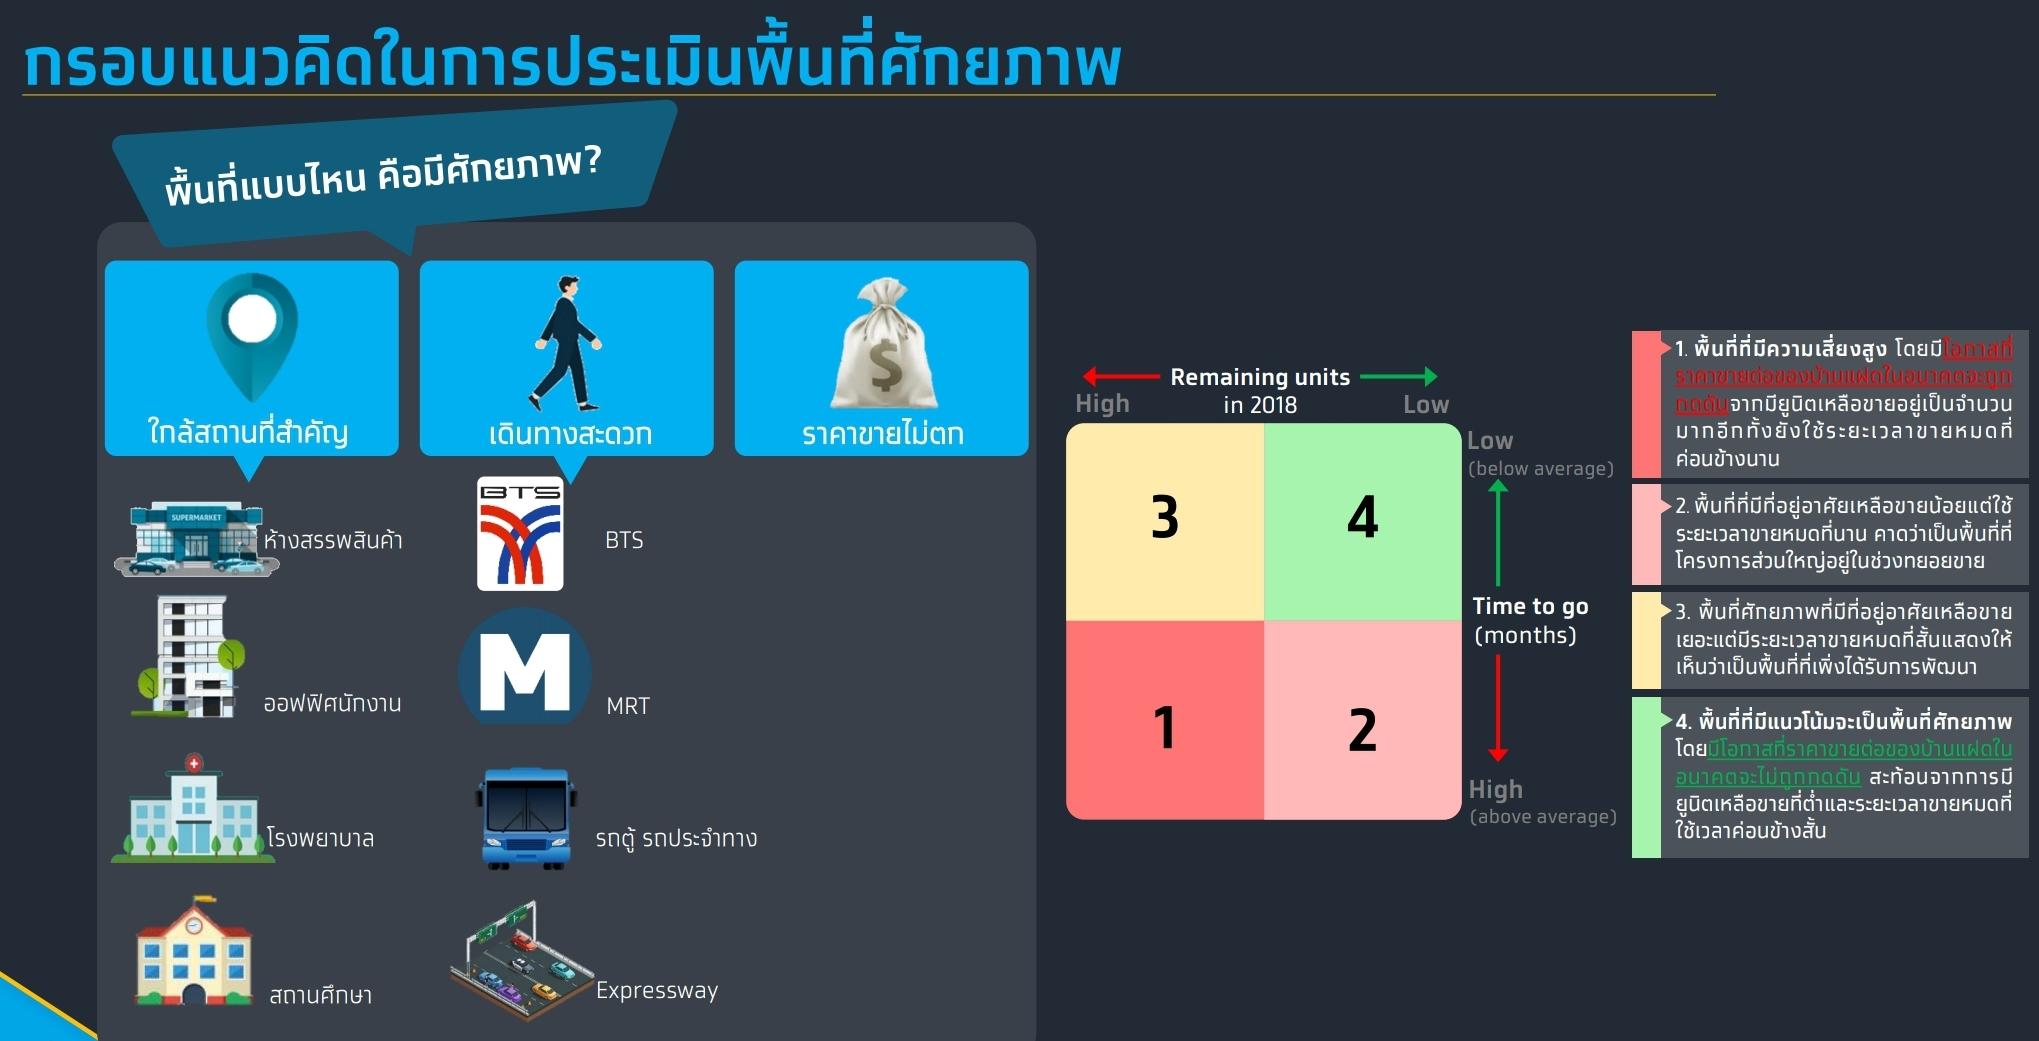 กรุงไทยประเมินบ้านแฝดมาแรงสุด มูลค่าโอนช่วง 3 ปีที่ผ่านมาโต 30%